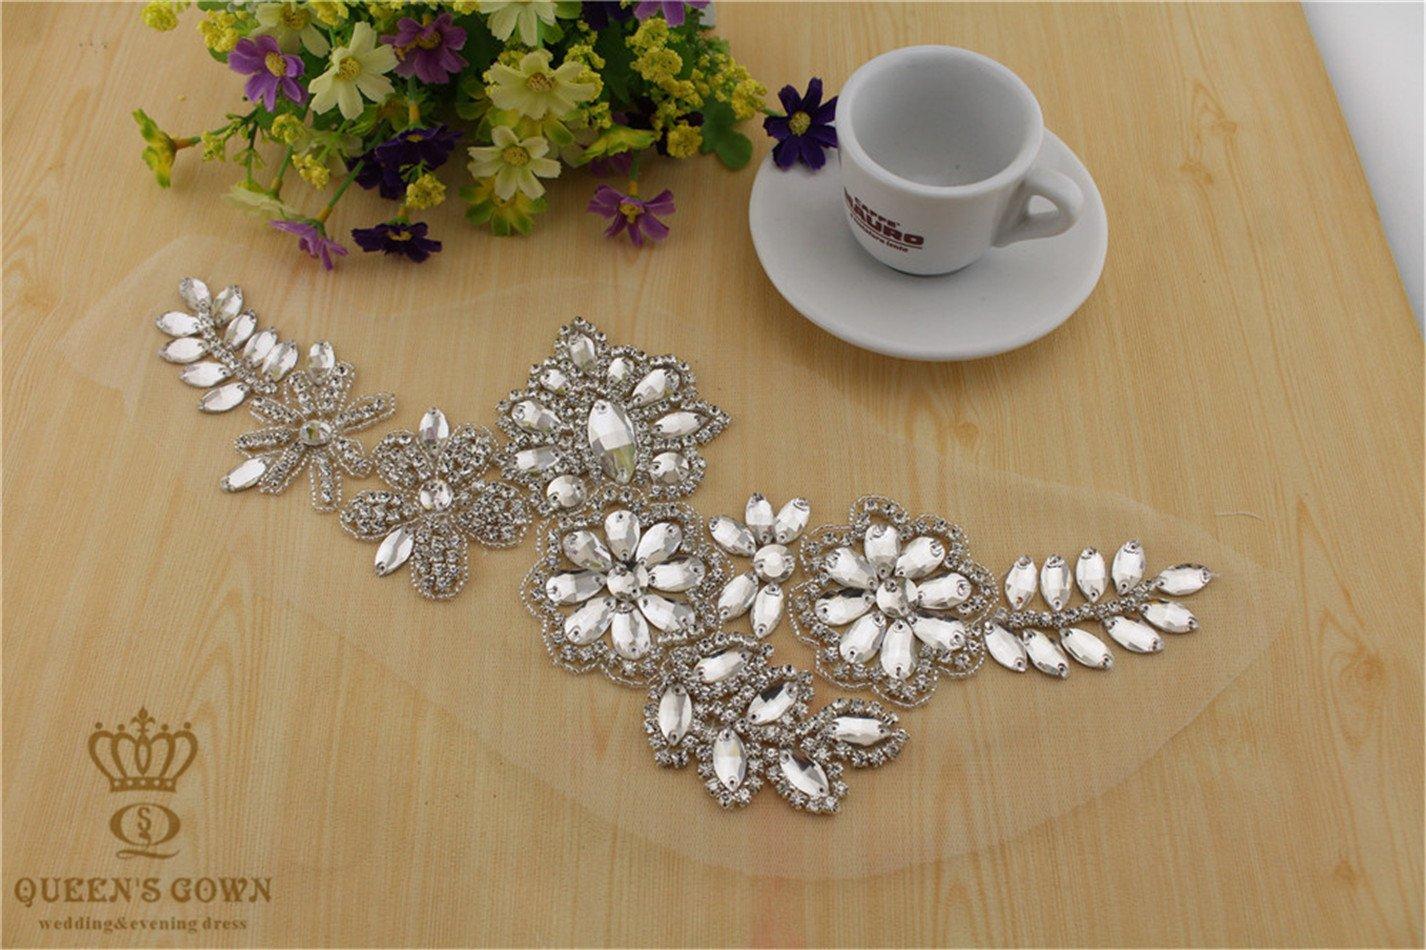 Envío gratuito novia Rhinestone cinturón Crystsal Floral Sew vestido de boda: Amazon.es: Juguetes y juegos